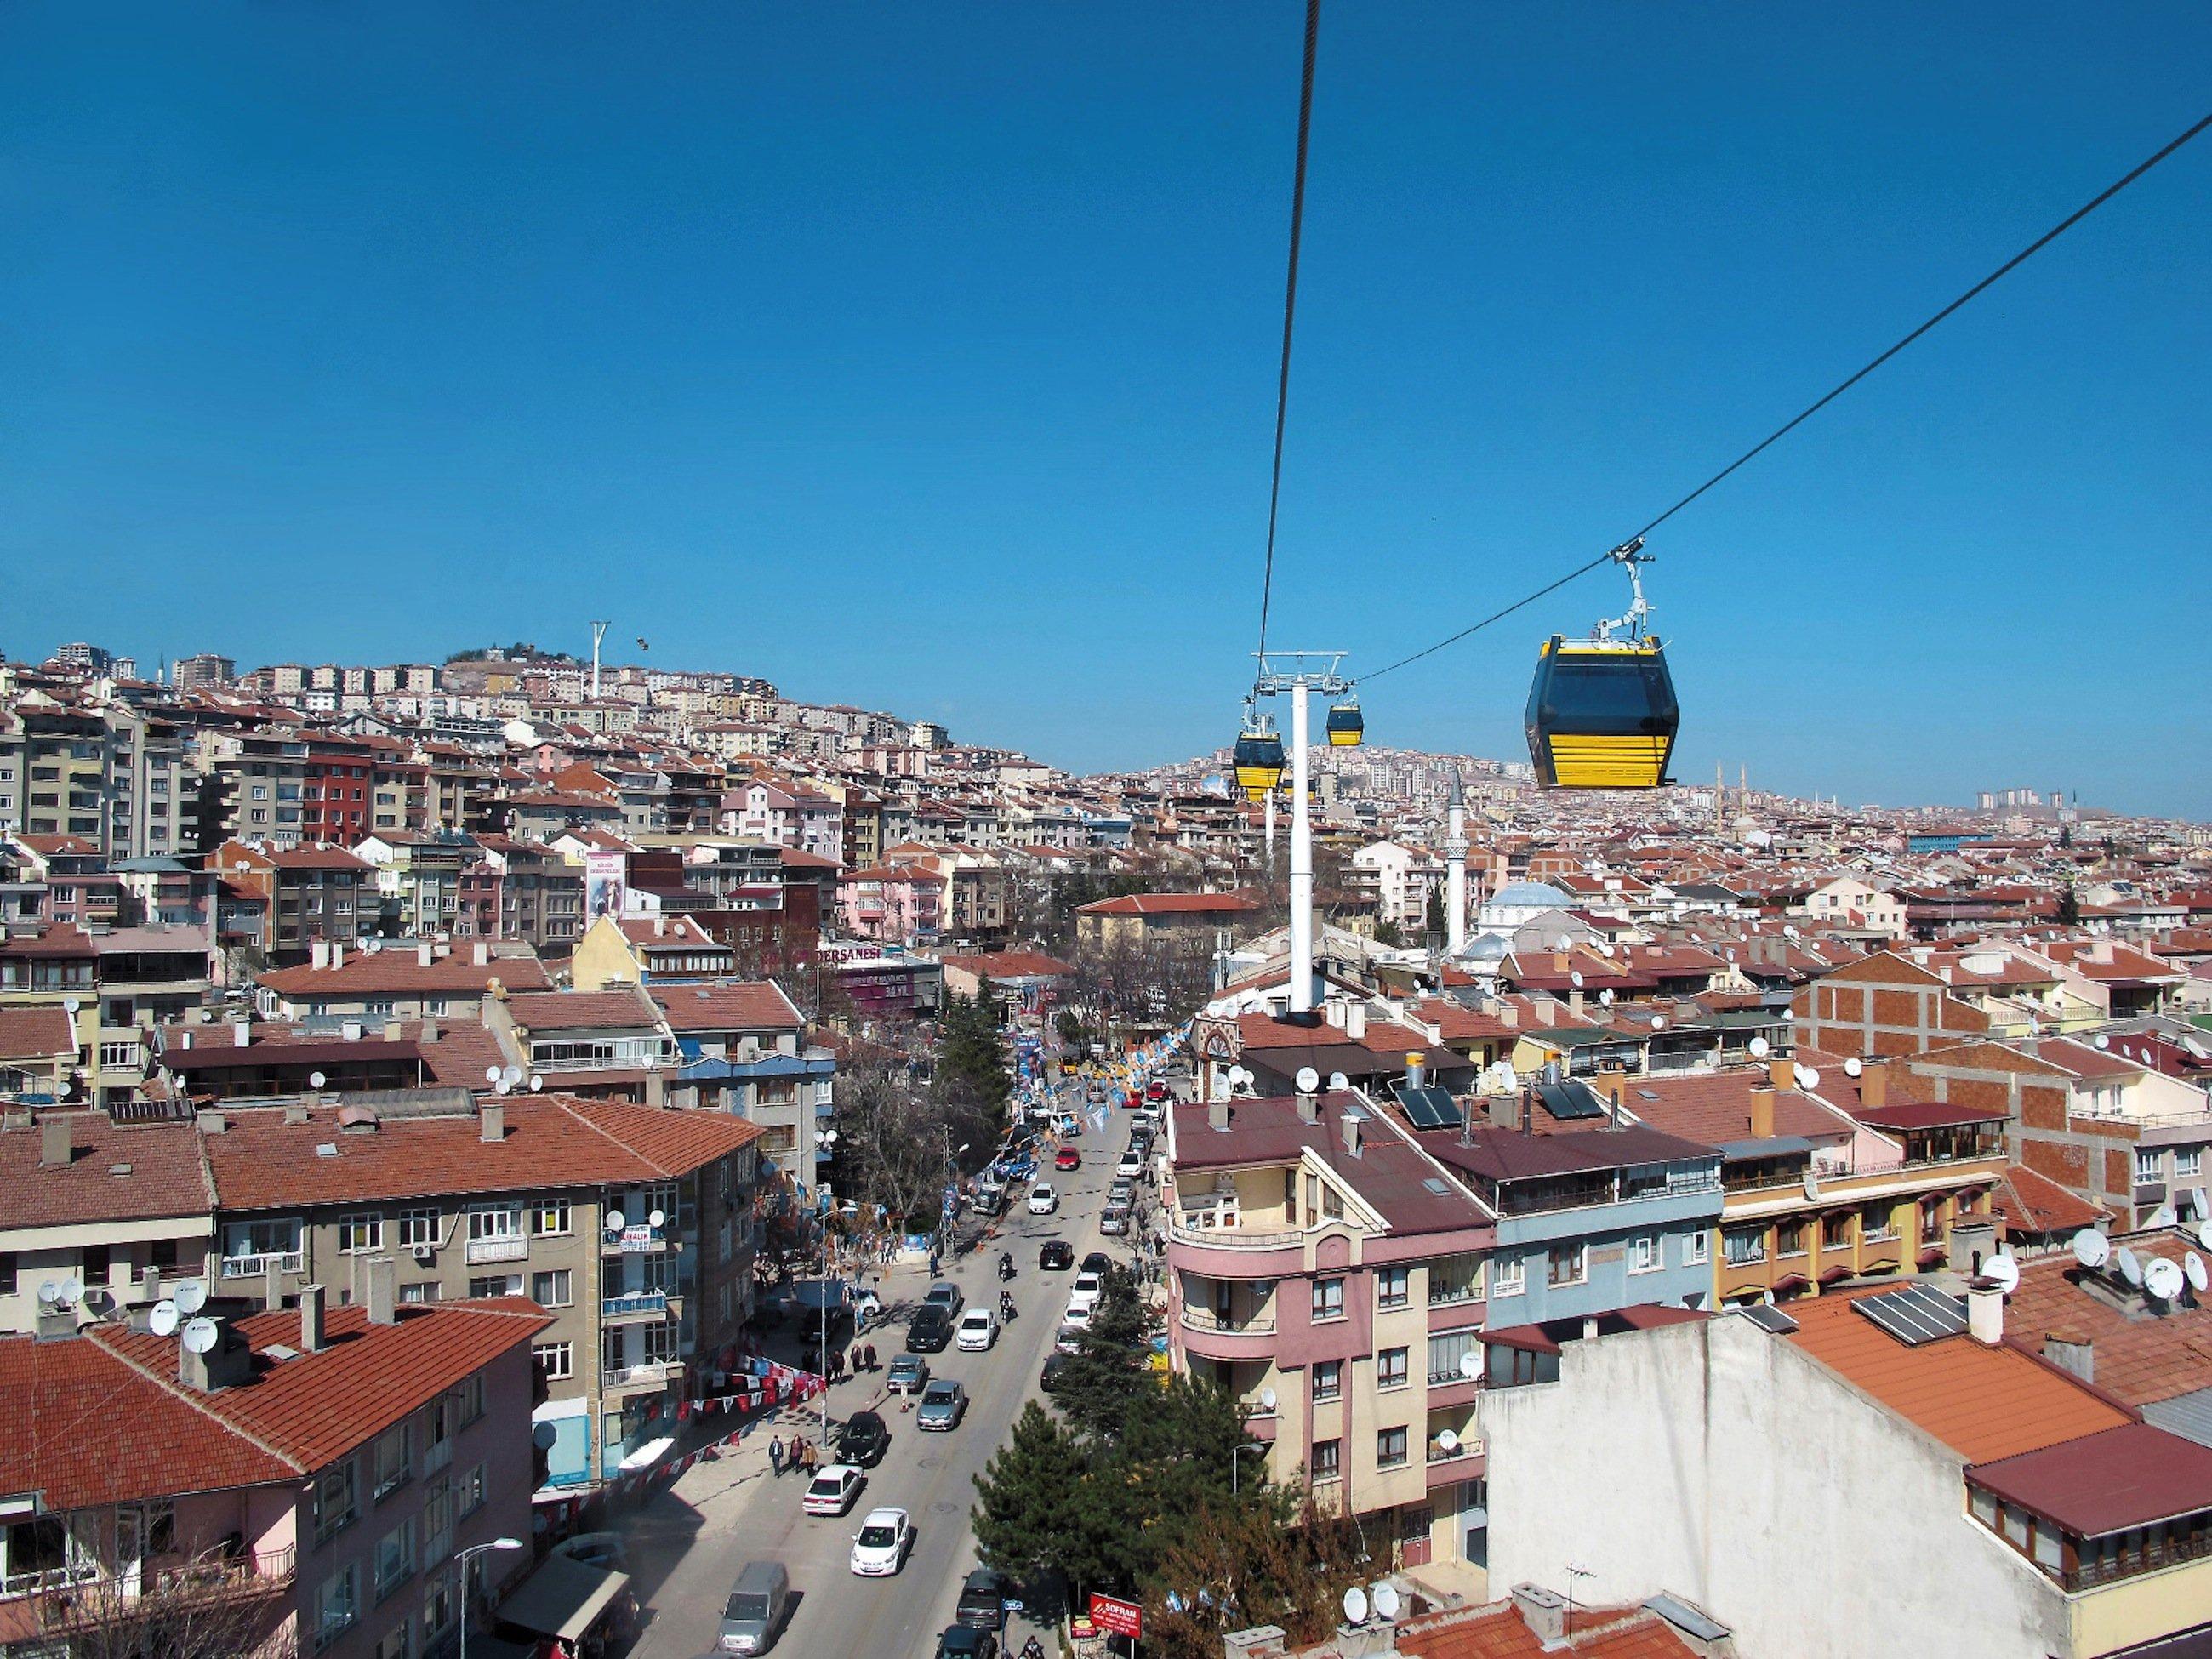 Auch in Städten ohne gewaltige Höhenunterschiede können Seilbahnen das Verkehrsnetz entlasten, wie hier in Ankara.